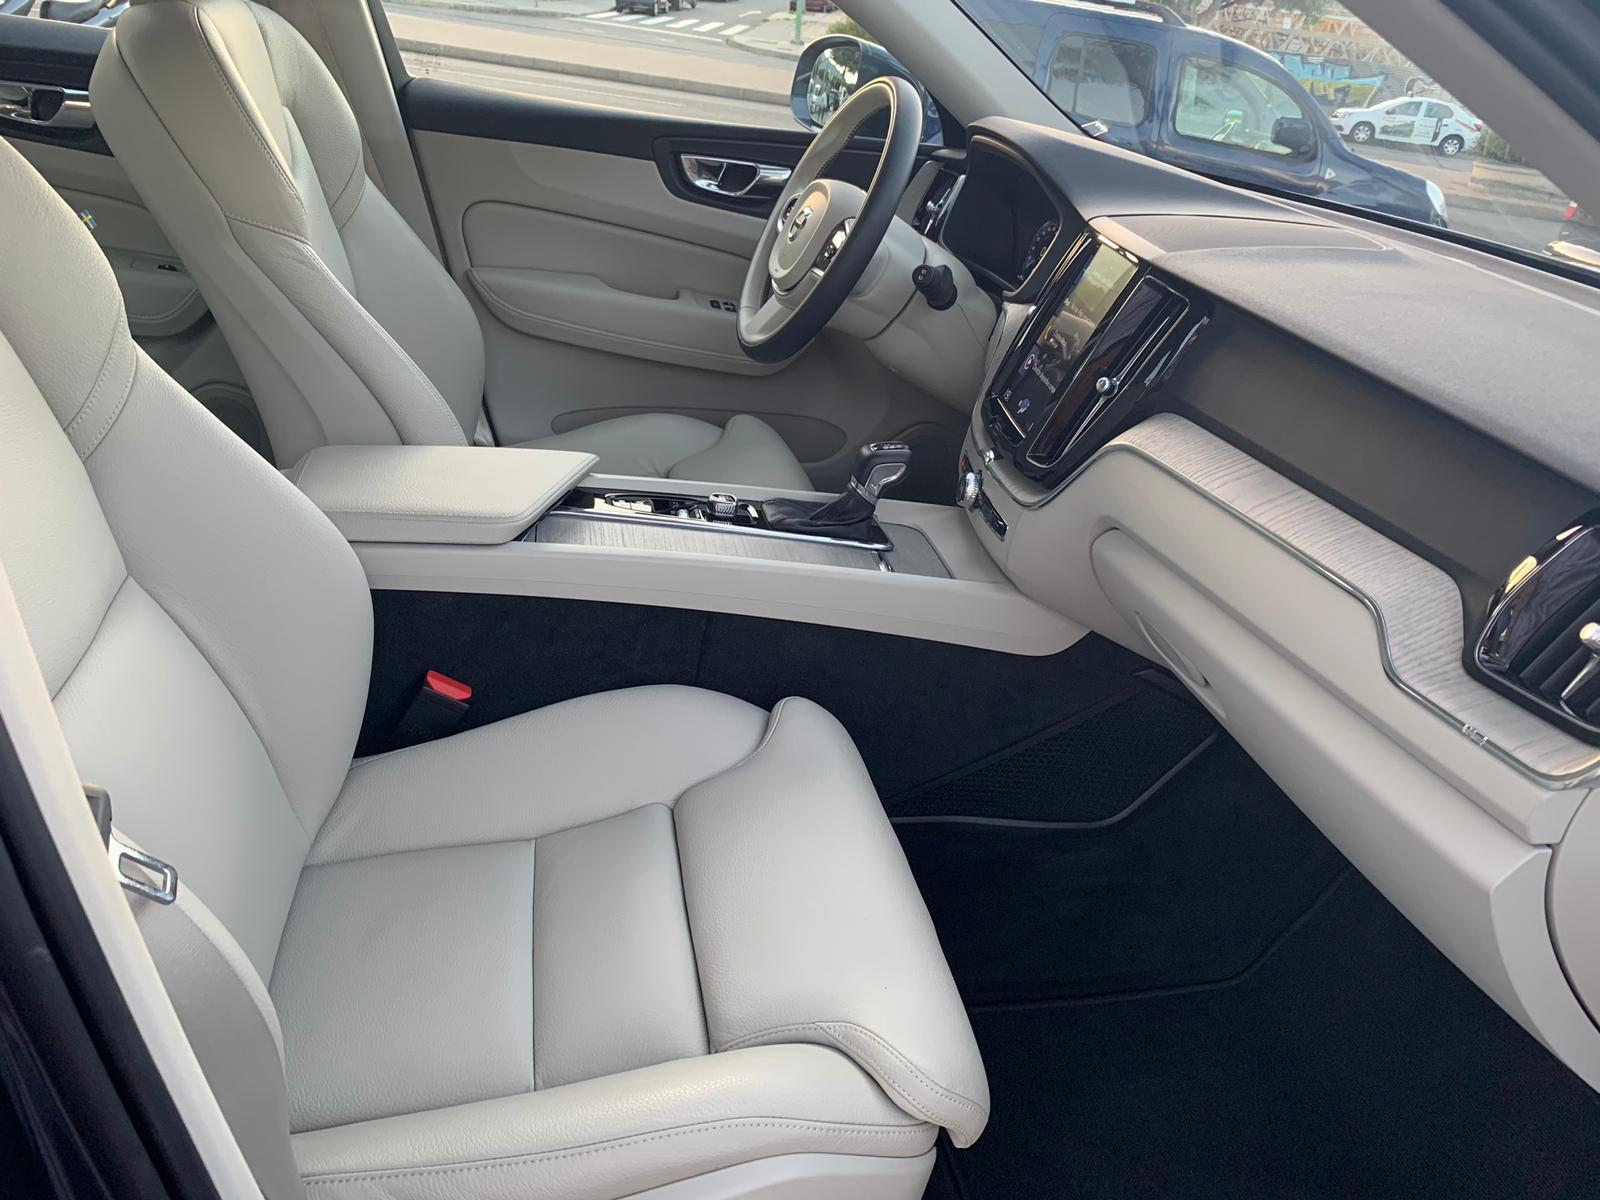 XC60 2.0 INSCRIPTION D4 AWD 2018 SEP19 (8)